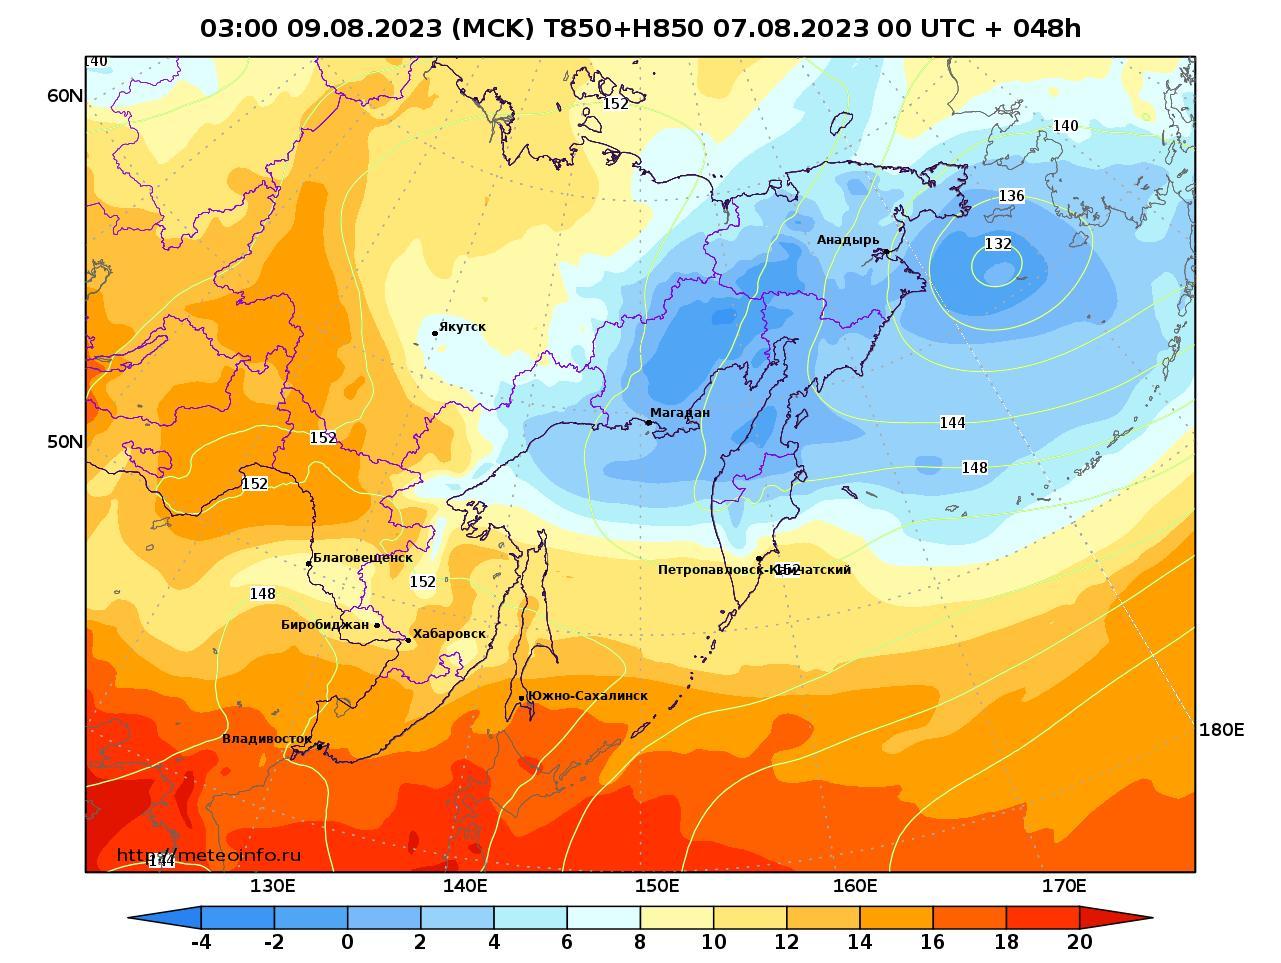 Дальний Восток, прогностическая карта температура T850 и геопотенциал H850, заблаговременность прогноза 48 часов